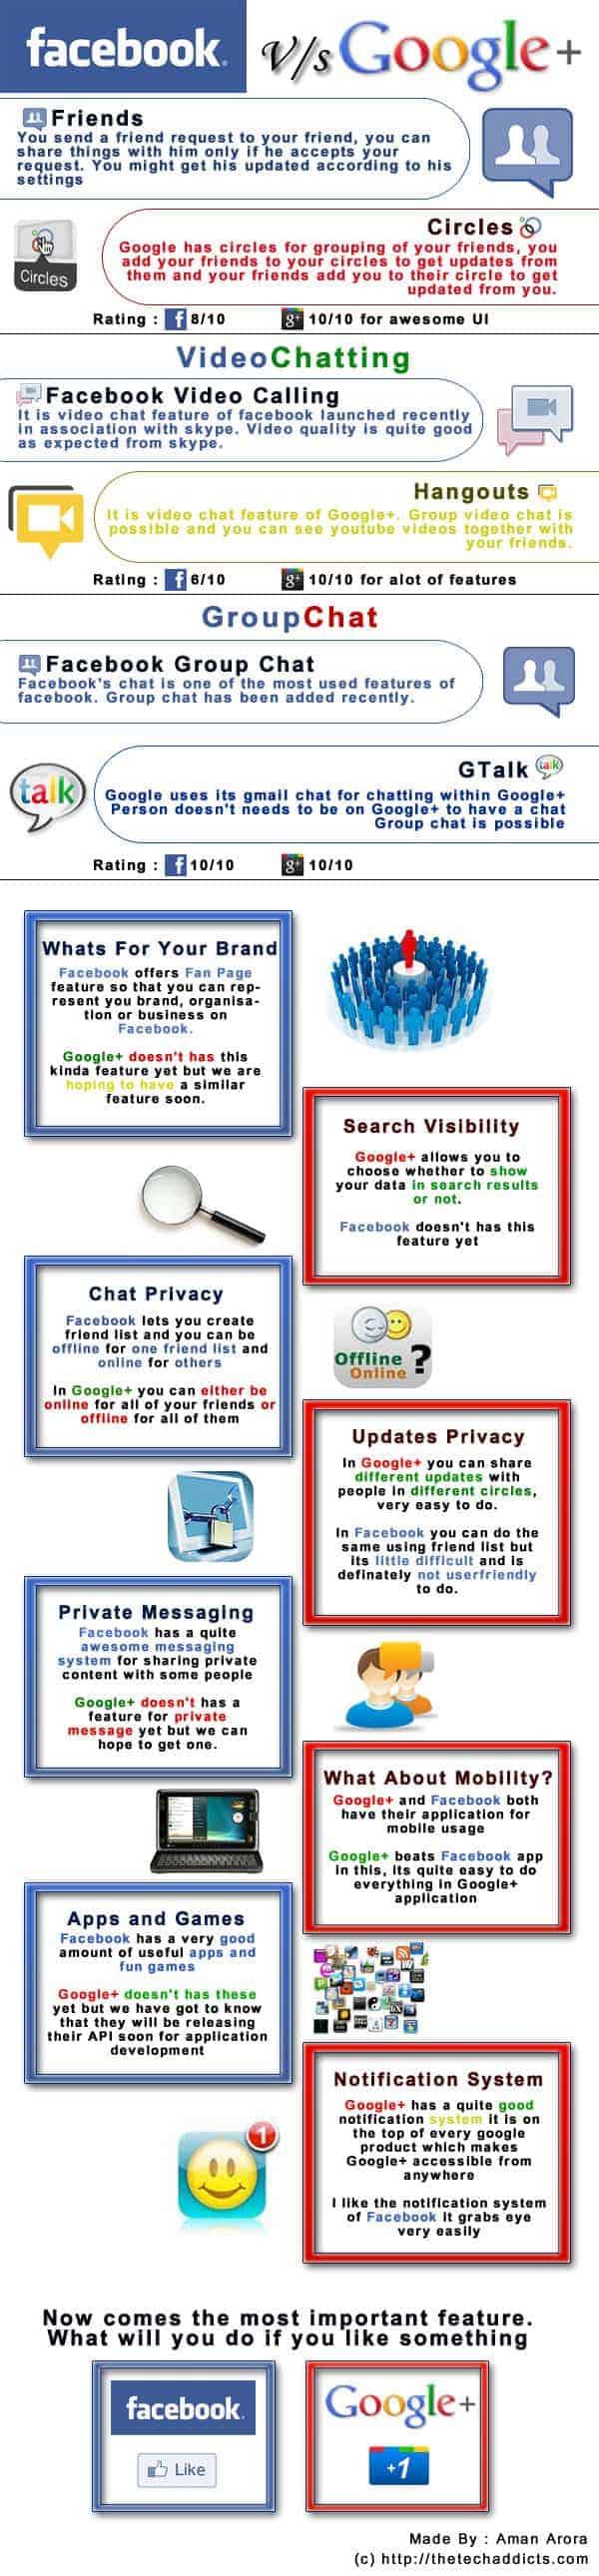 Facebook Vs Google Plus Infographic